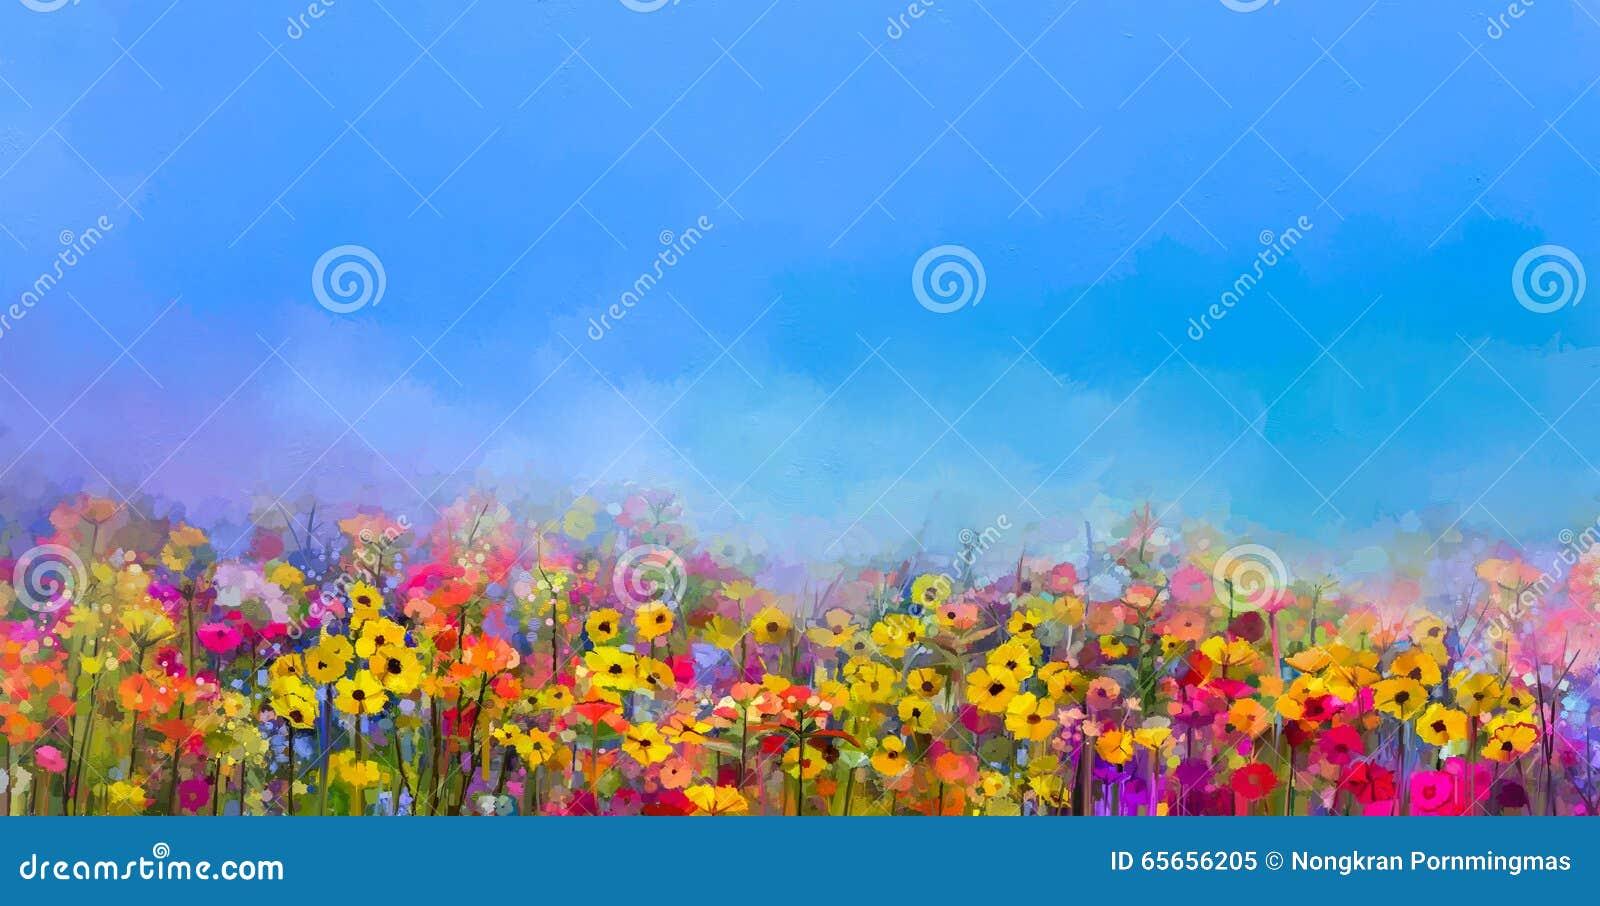 Olje- målning av sommar-vår blommor Blåklint tusenskönablomma